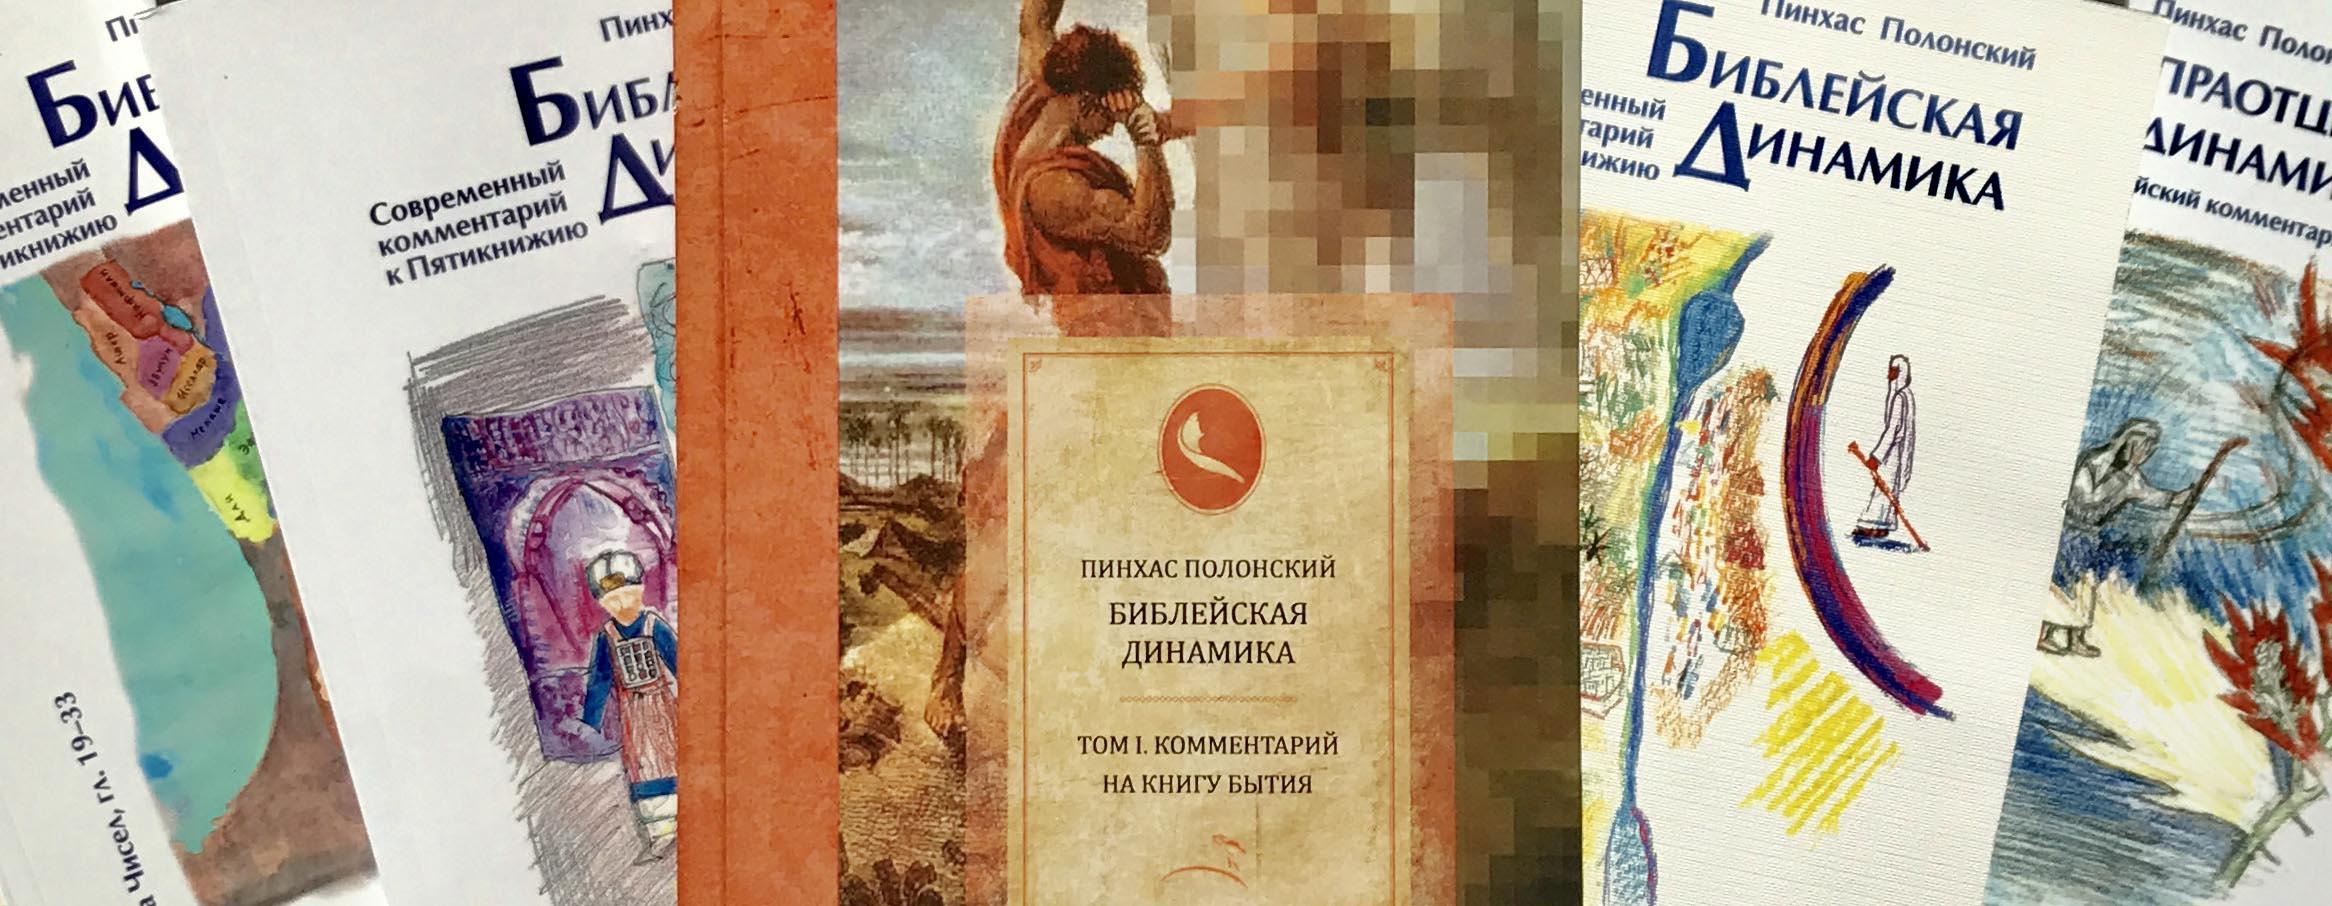 Photo of Библейская Динамика — новый комментарий к Торе